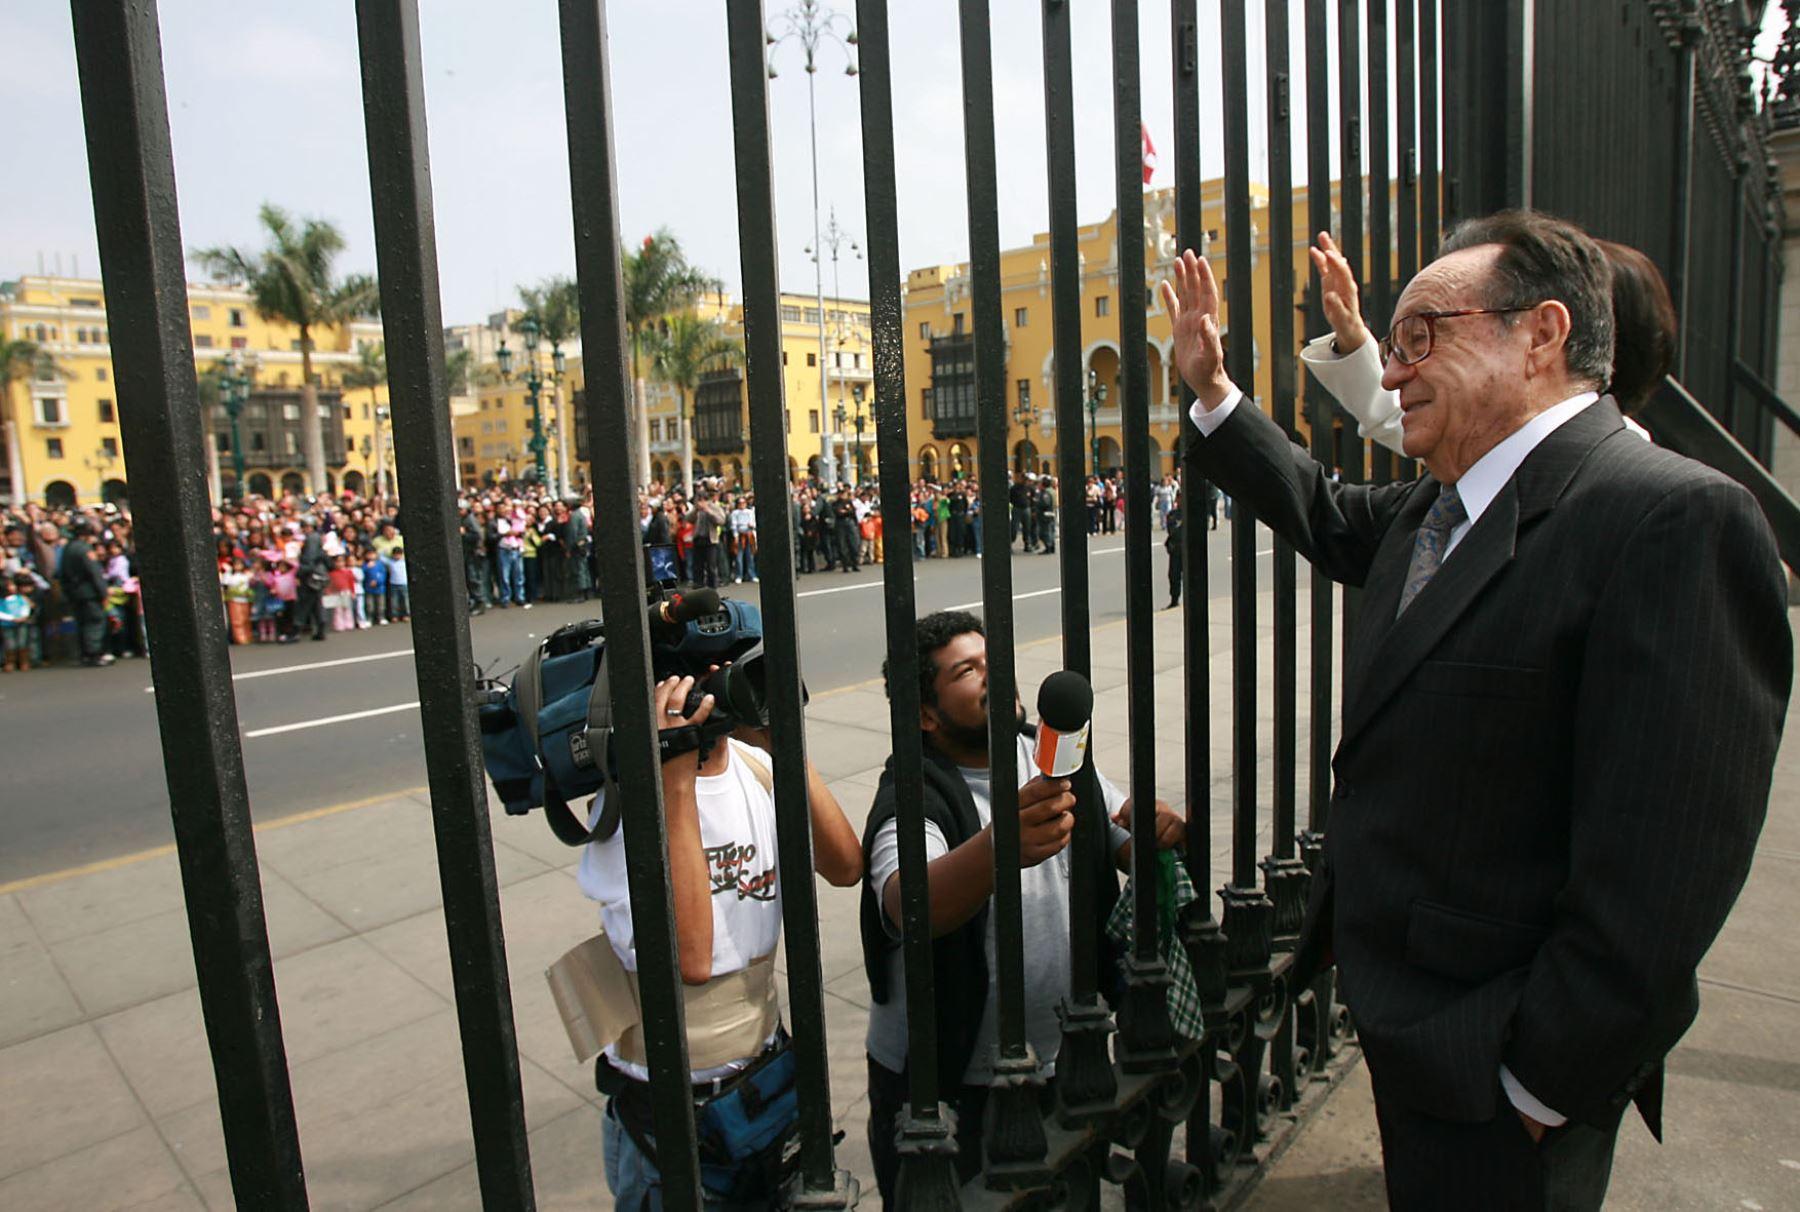 Julio 2008. Roberto Gomez Bolaños Chespirito saluda a sus seguidores desde Palacio de Gobierno.